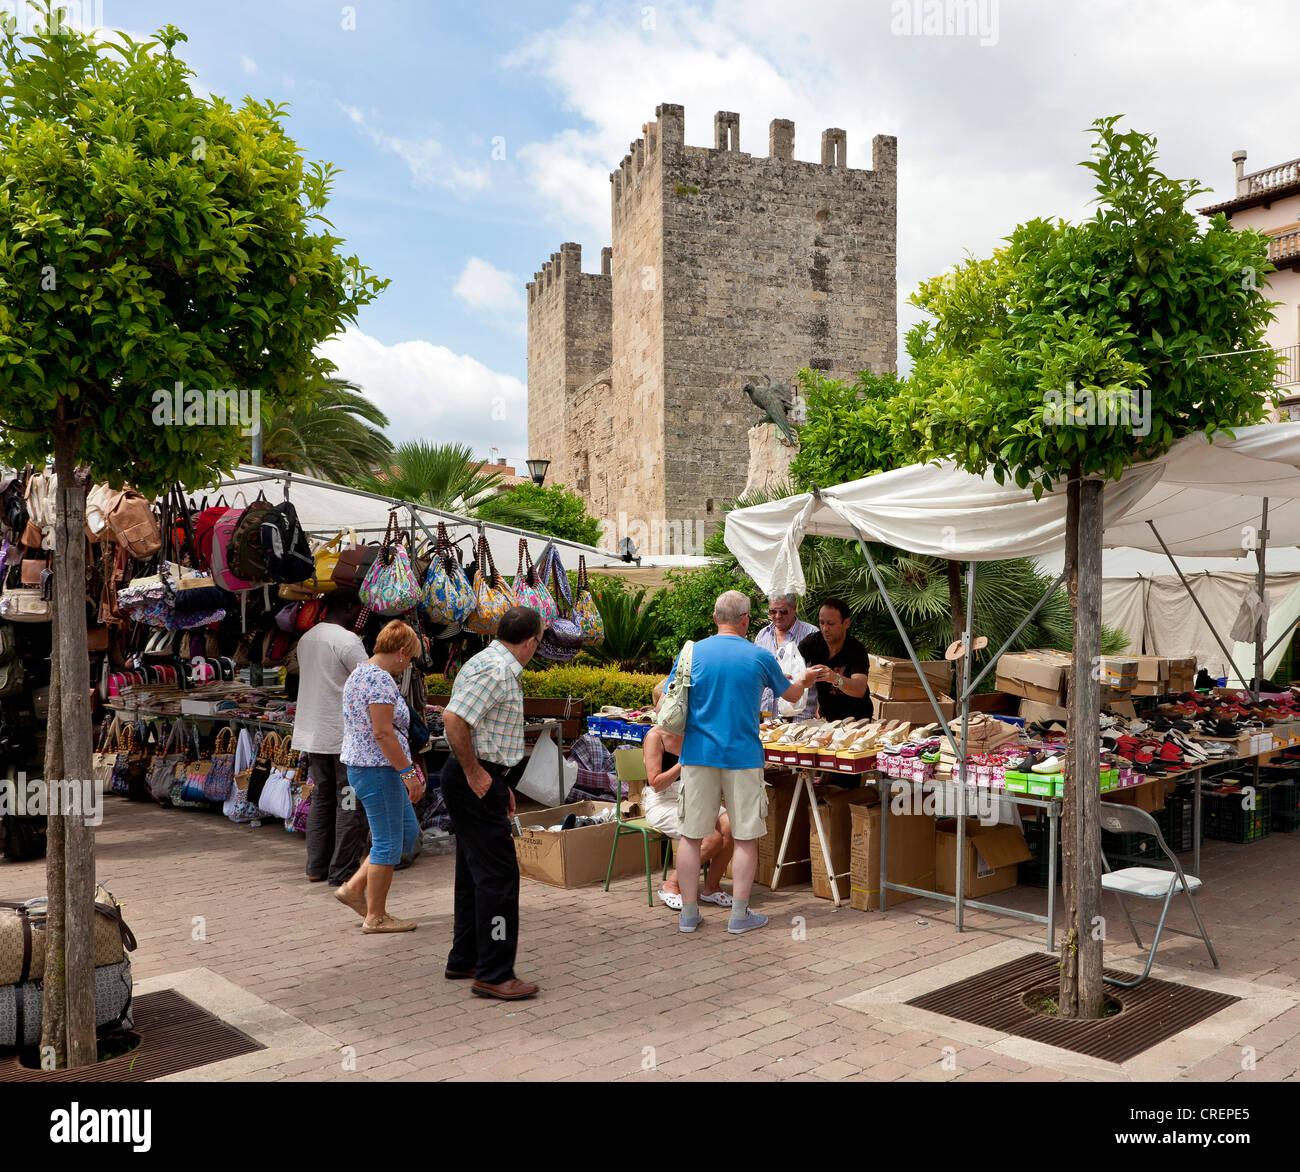 Marché du dimanche à Alcudia, Majorque, îles Baléares, Espagne, Europe Photo Stock